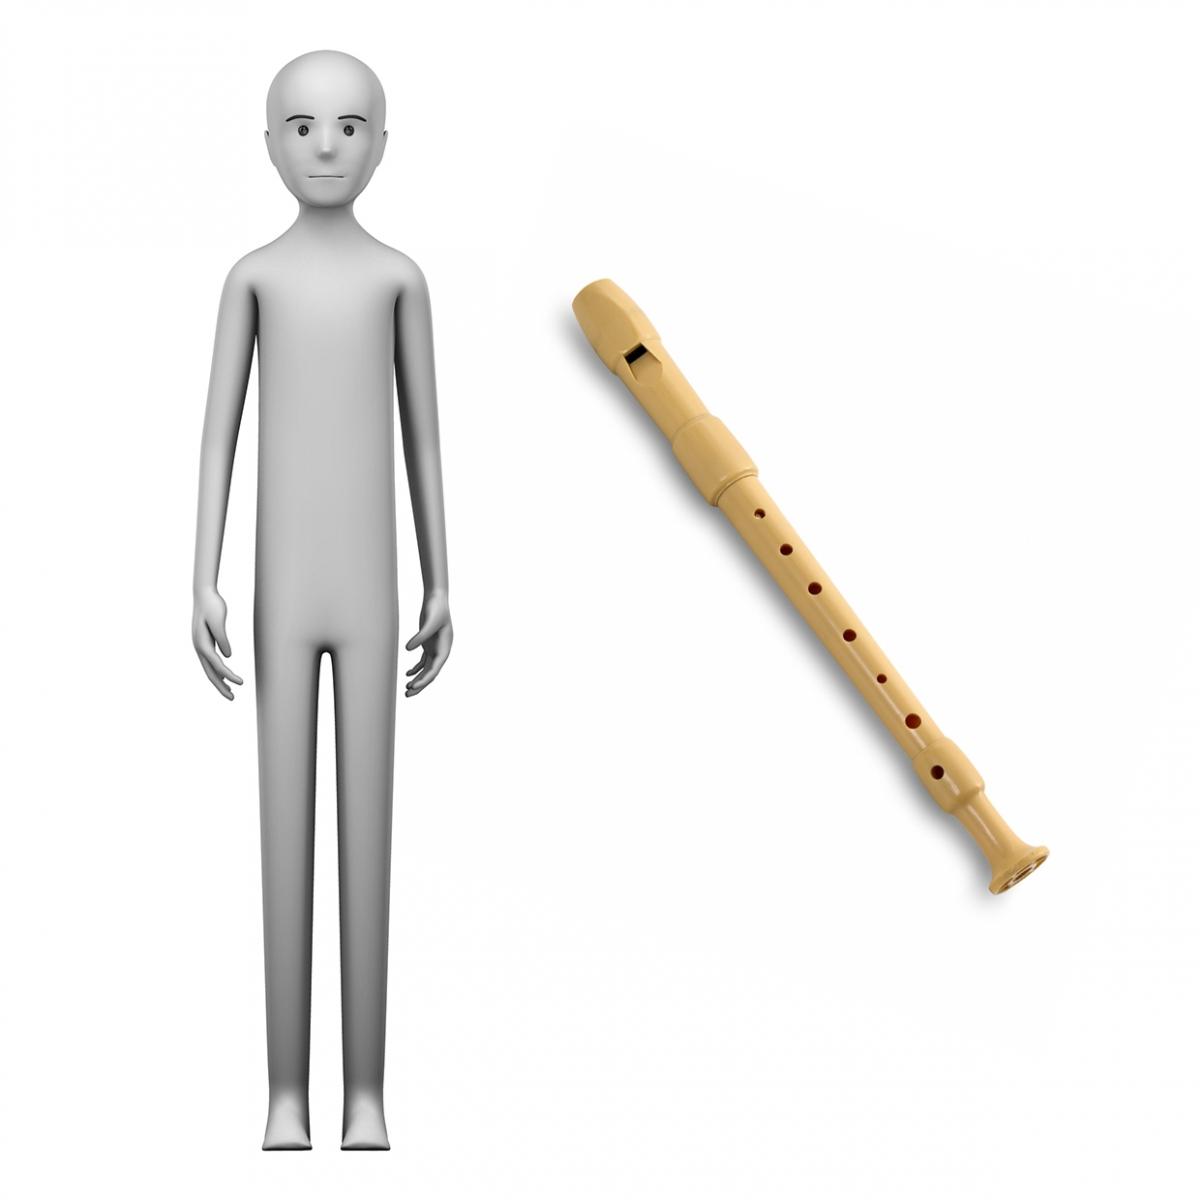 Imagen en la que se ve el concepto de flautista